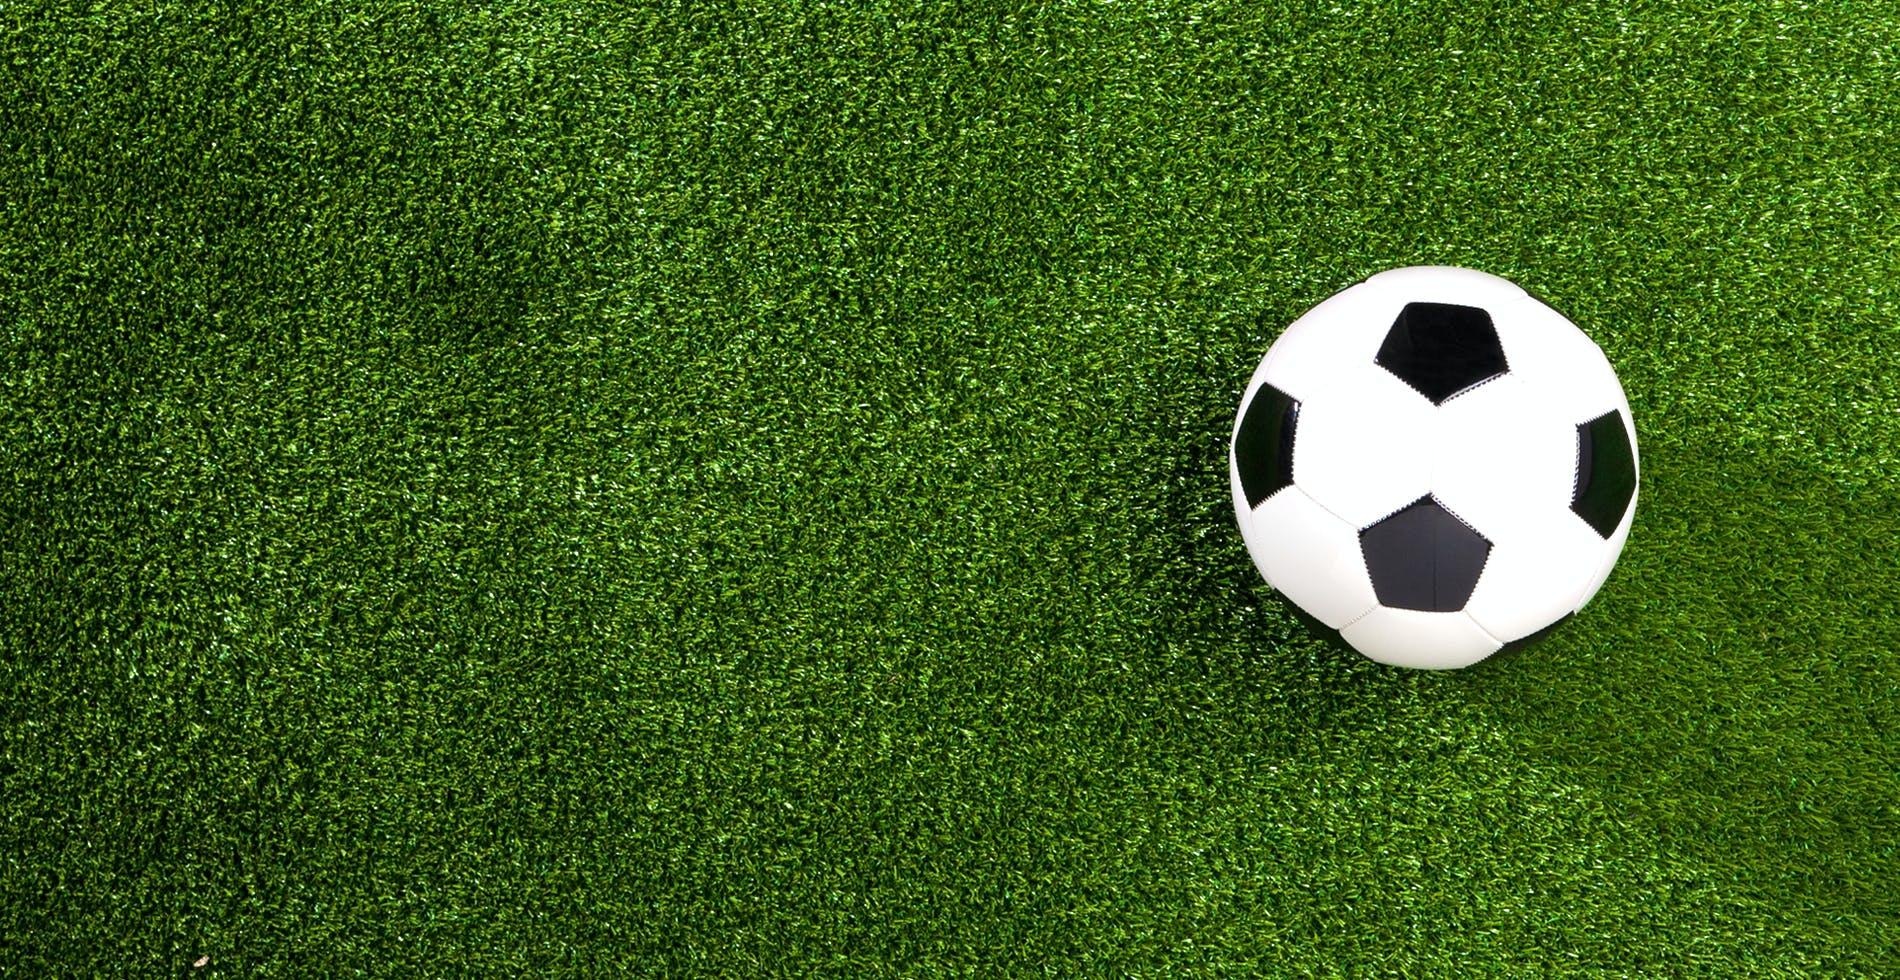 Ligue 1: Paris Saint Germain - Nimes Olympique 23-02-2019